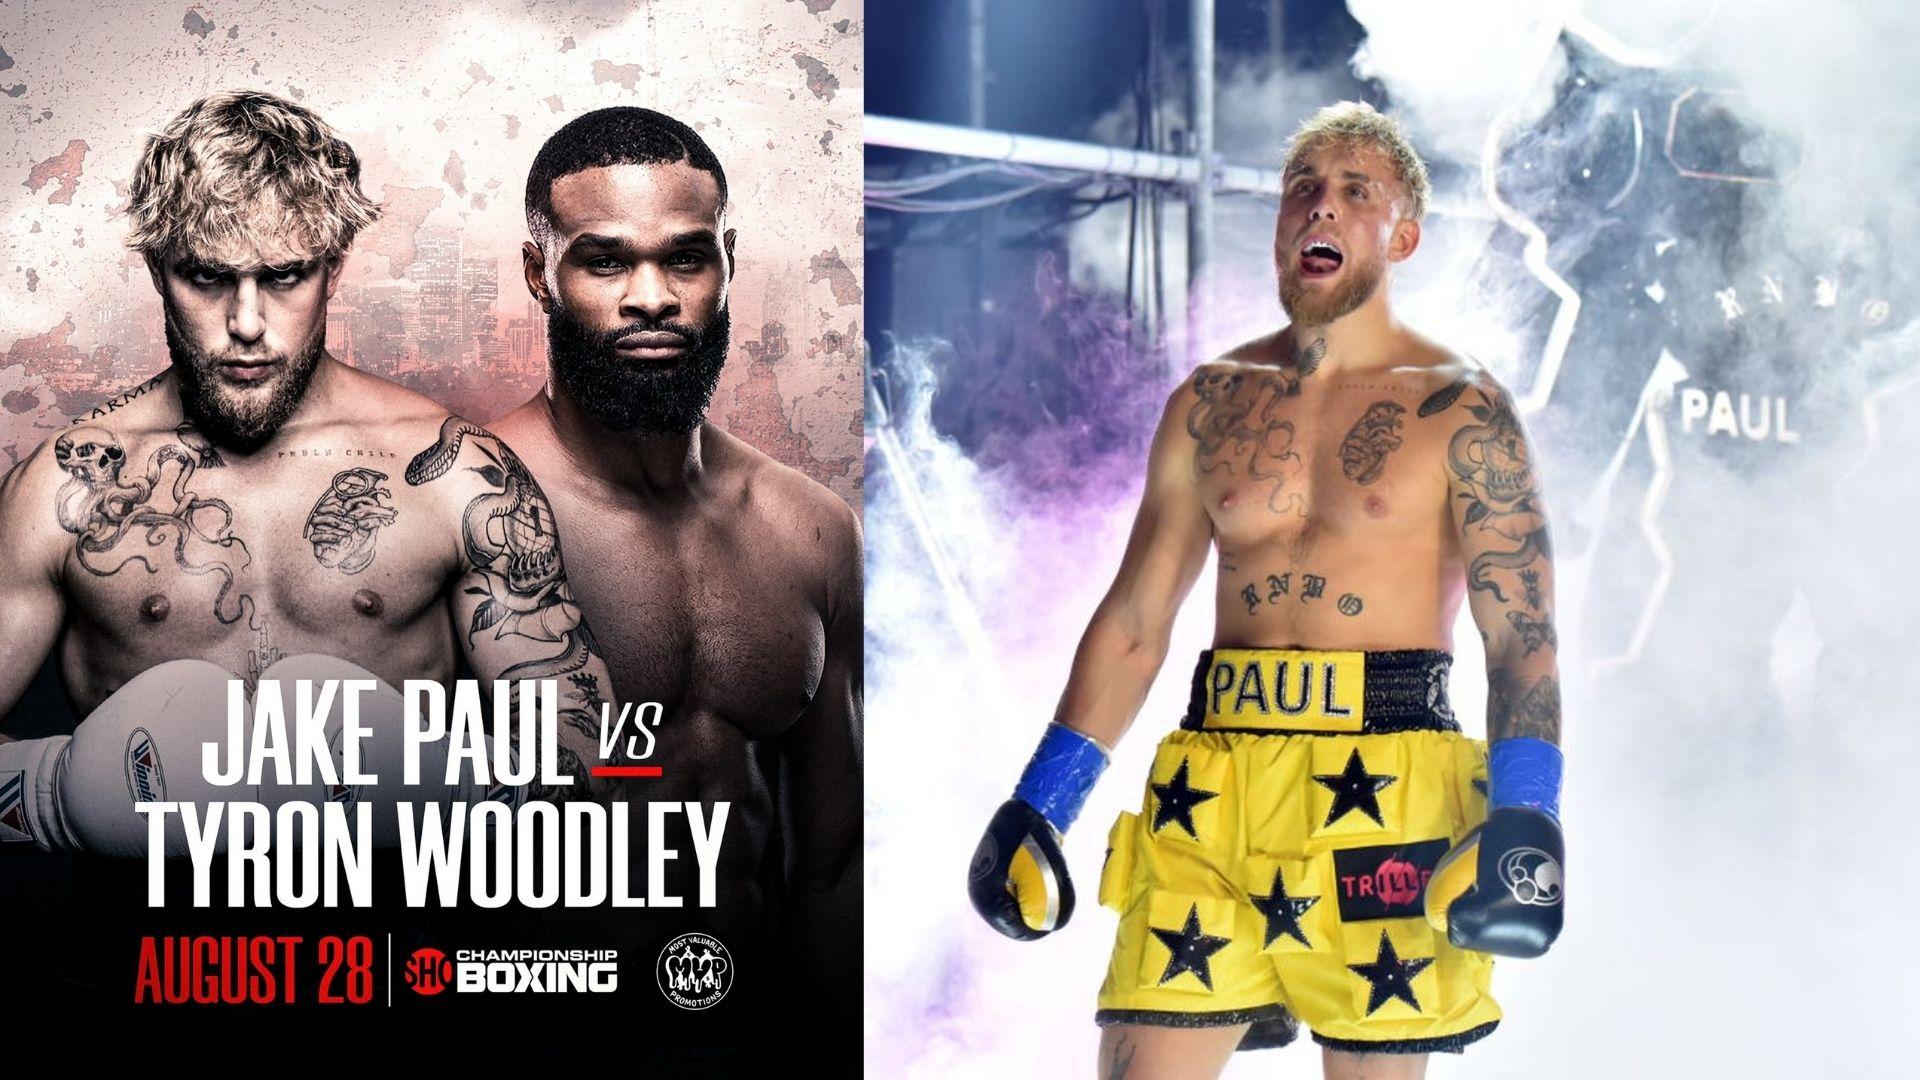 Tyron Woodley vs Jake Paul